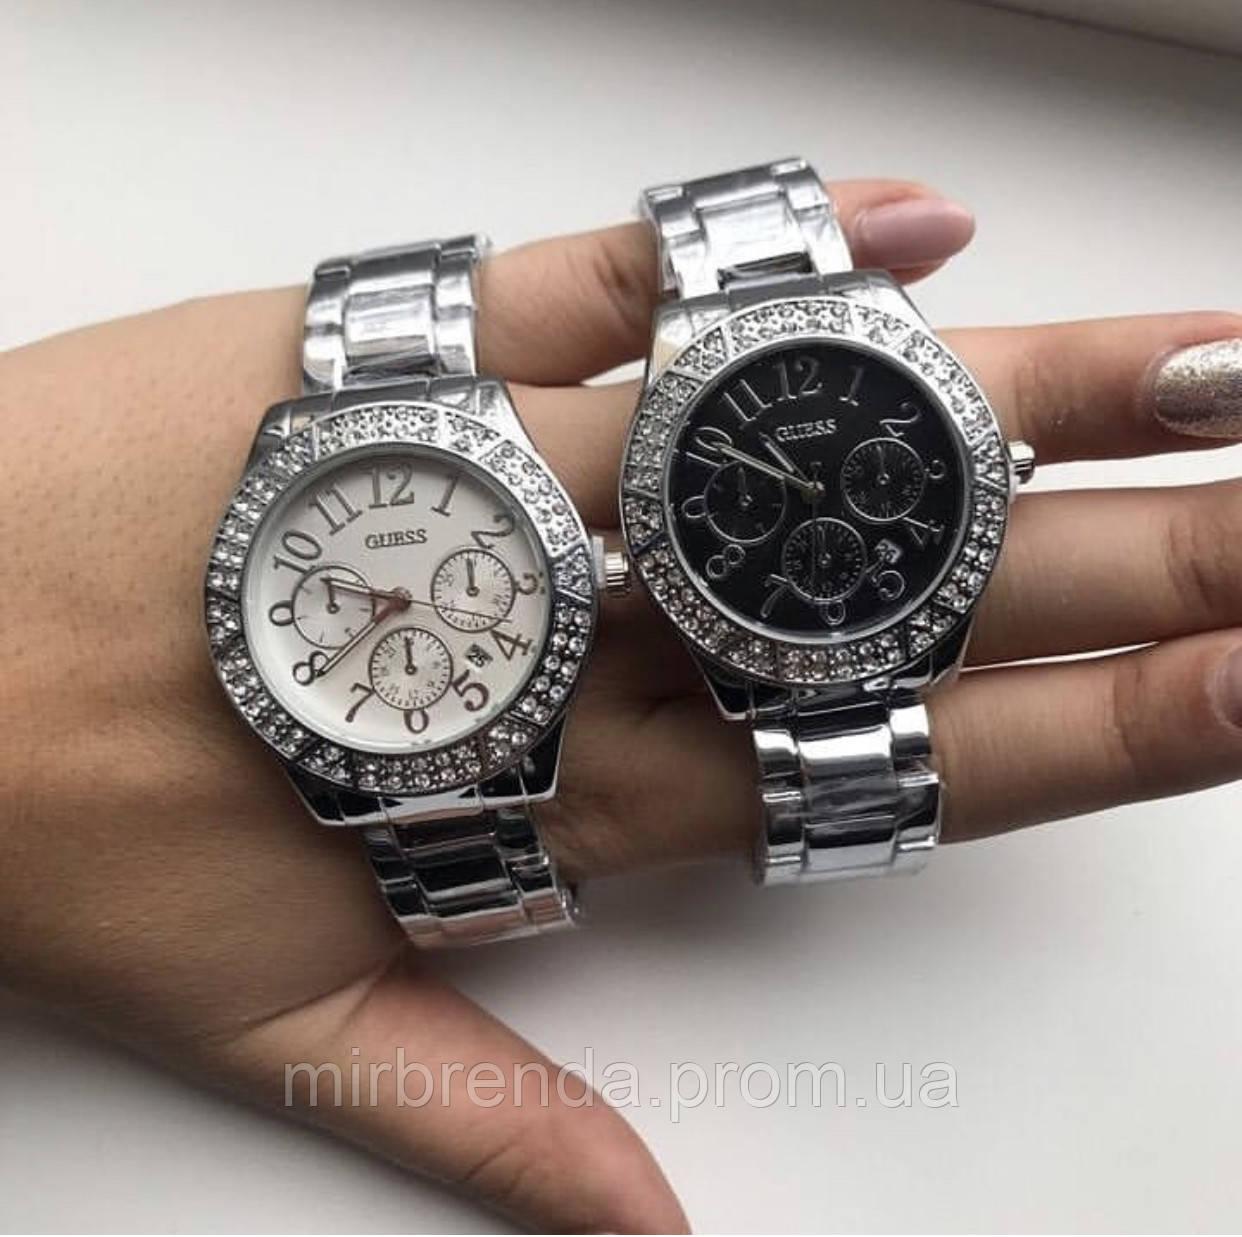 Часы брендовые продать часа авто срочный выкуп москва 24